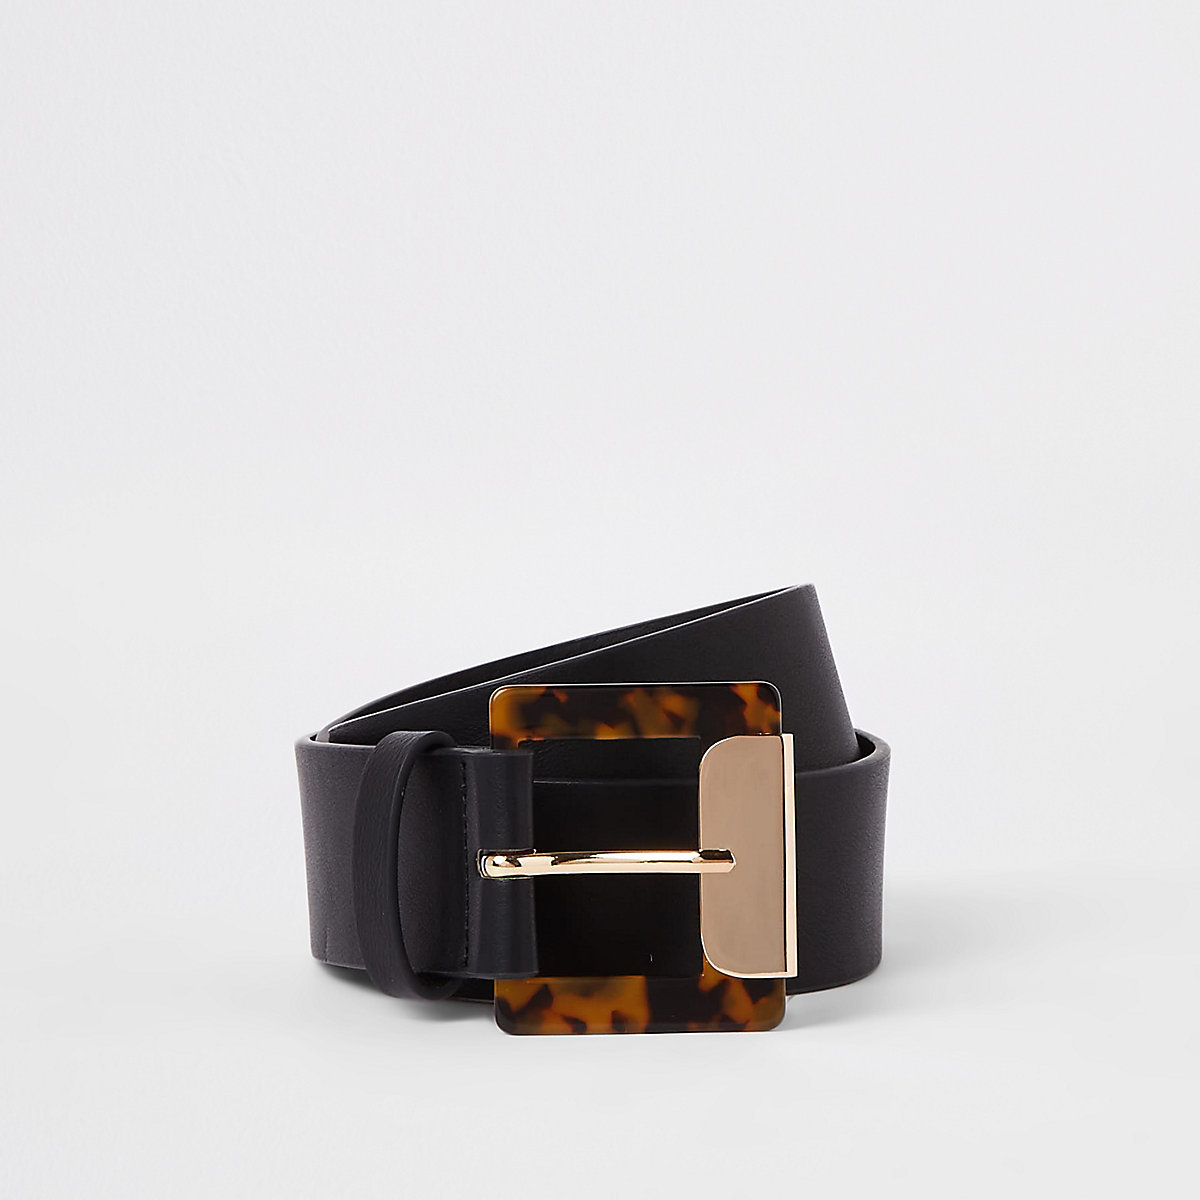 Black tortoise shell square buckle belt